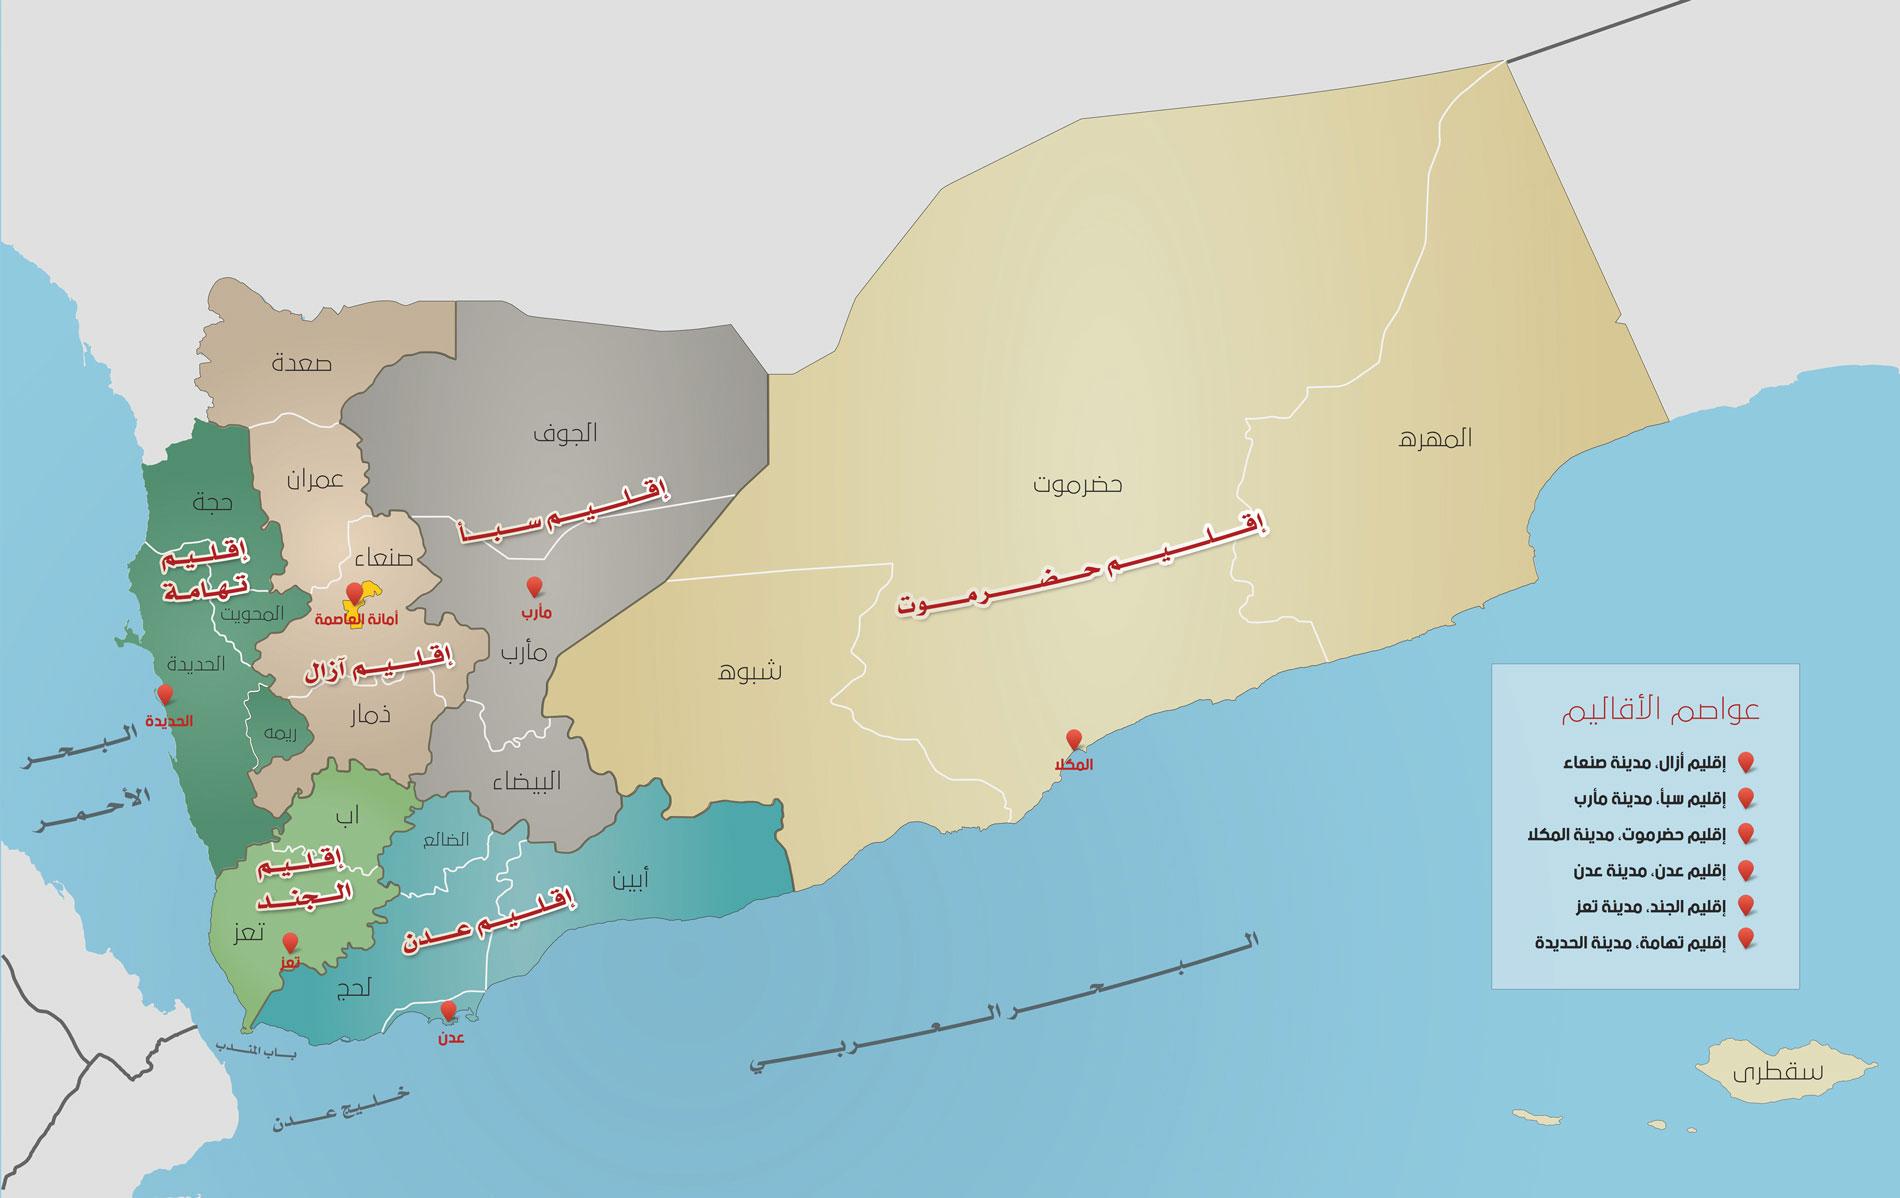 جمهورية اليمن الاتحادي